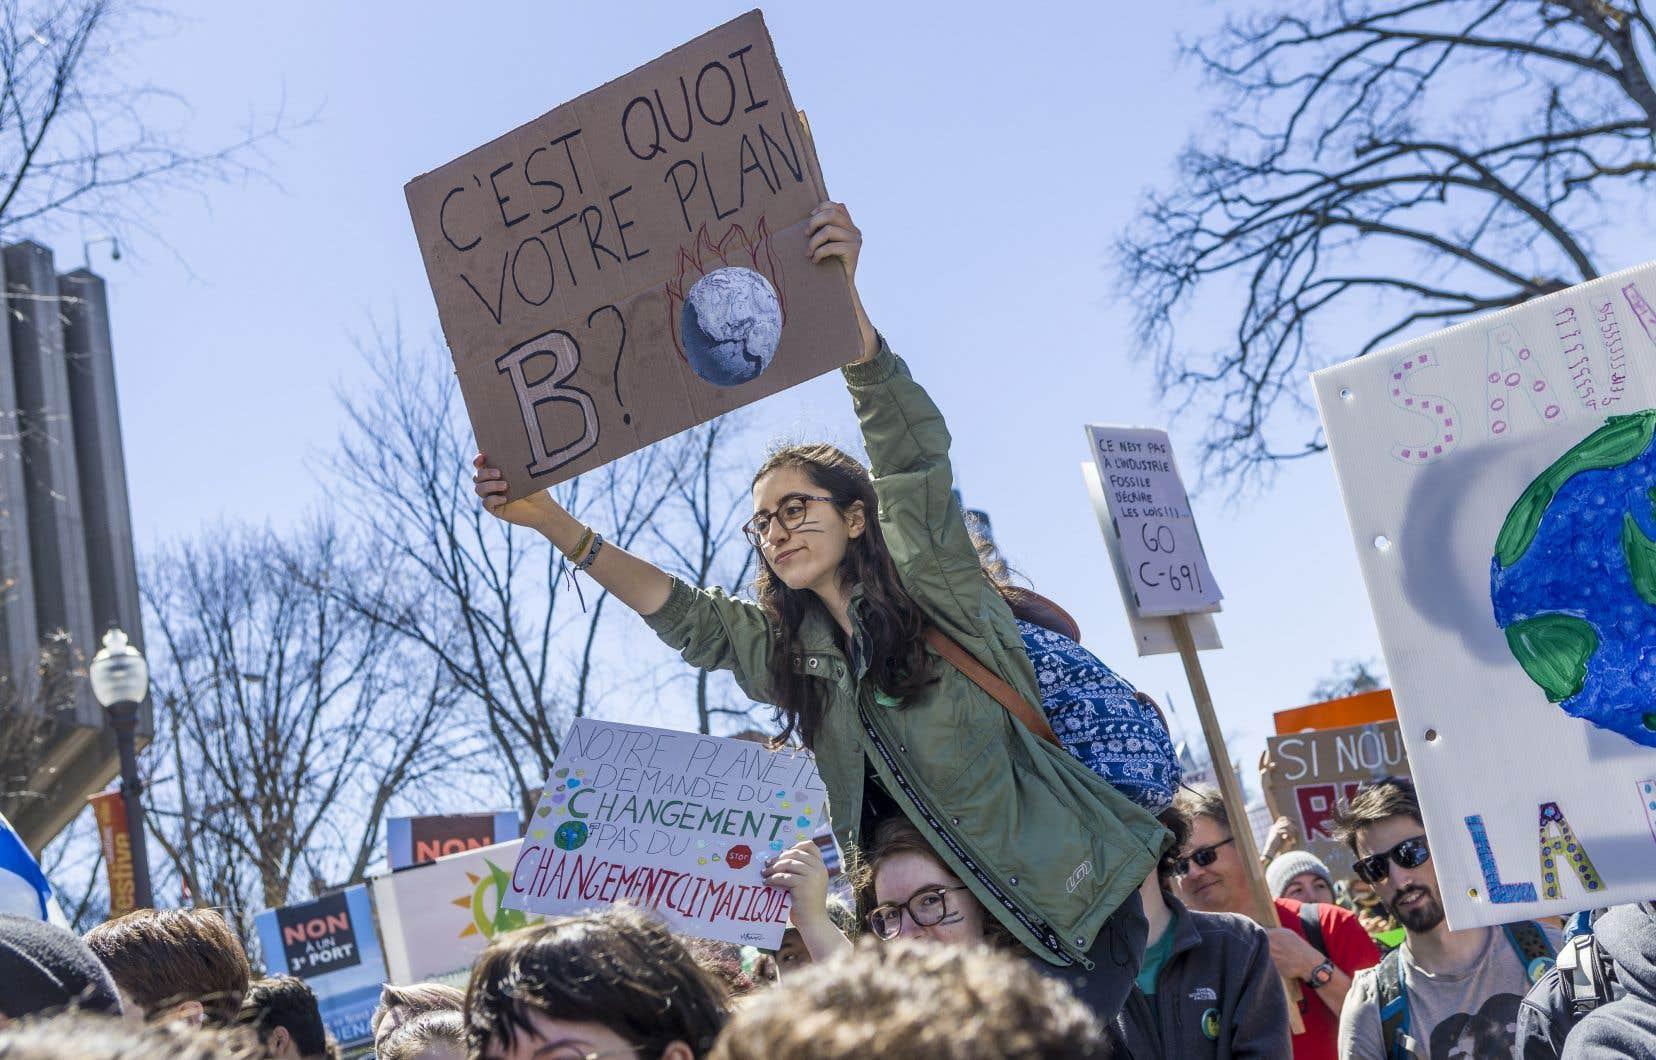 «Si le gouvernement prend au sérieux la crise climatique, il doit inscrire dans la loi ce que la science exige: une réduction d'au moins 50% de nos émissions d'ici 2030 et la carboneutralité en 2050», écrit Dominic Champagne.